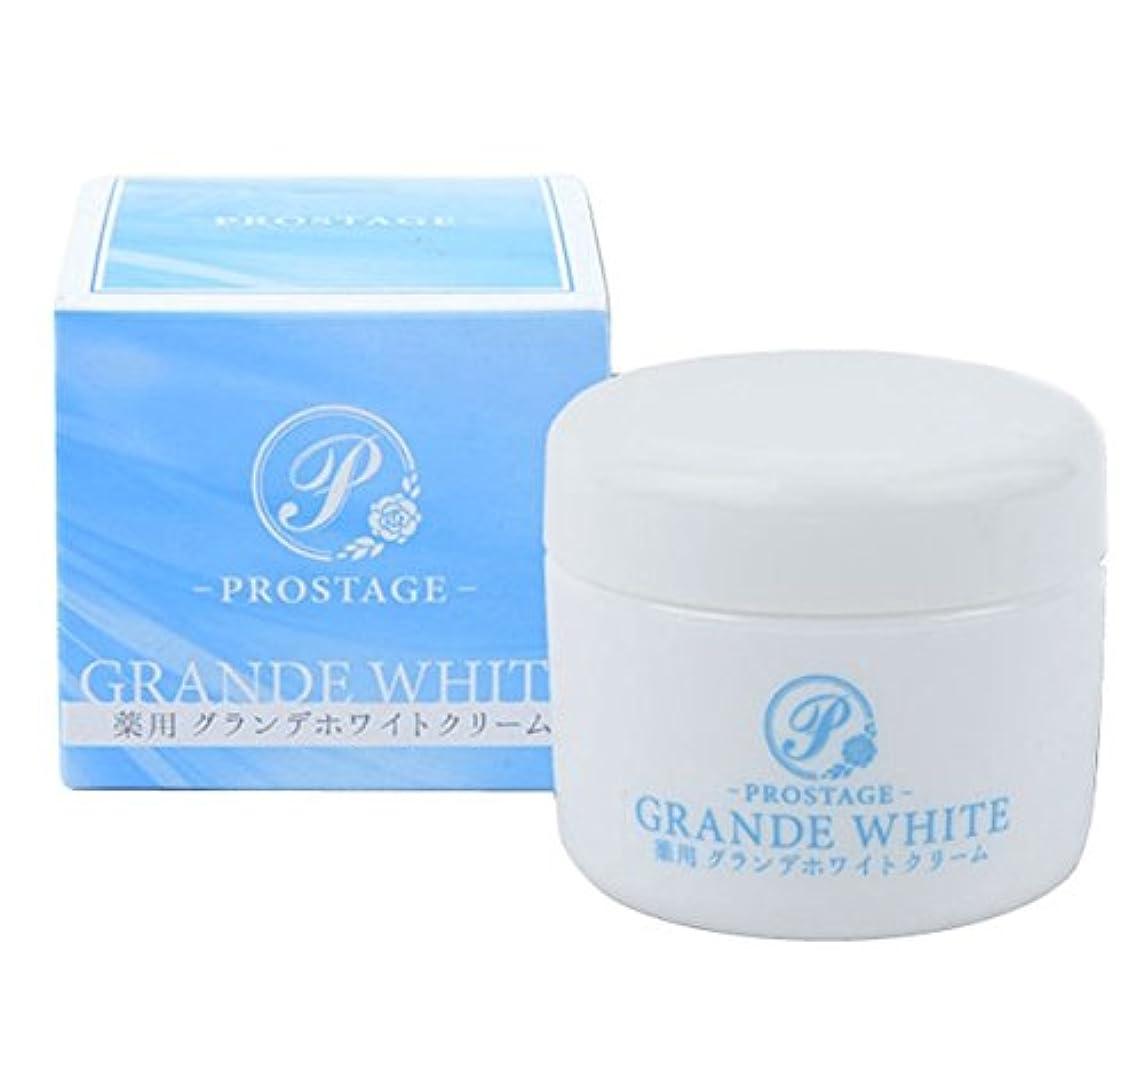 形状敗北歩く薬用グランデホワイトクリーム PROSTAGE ホワイトニングクリーム 大容量80g (1個)